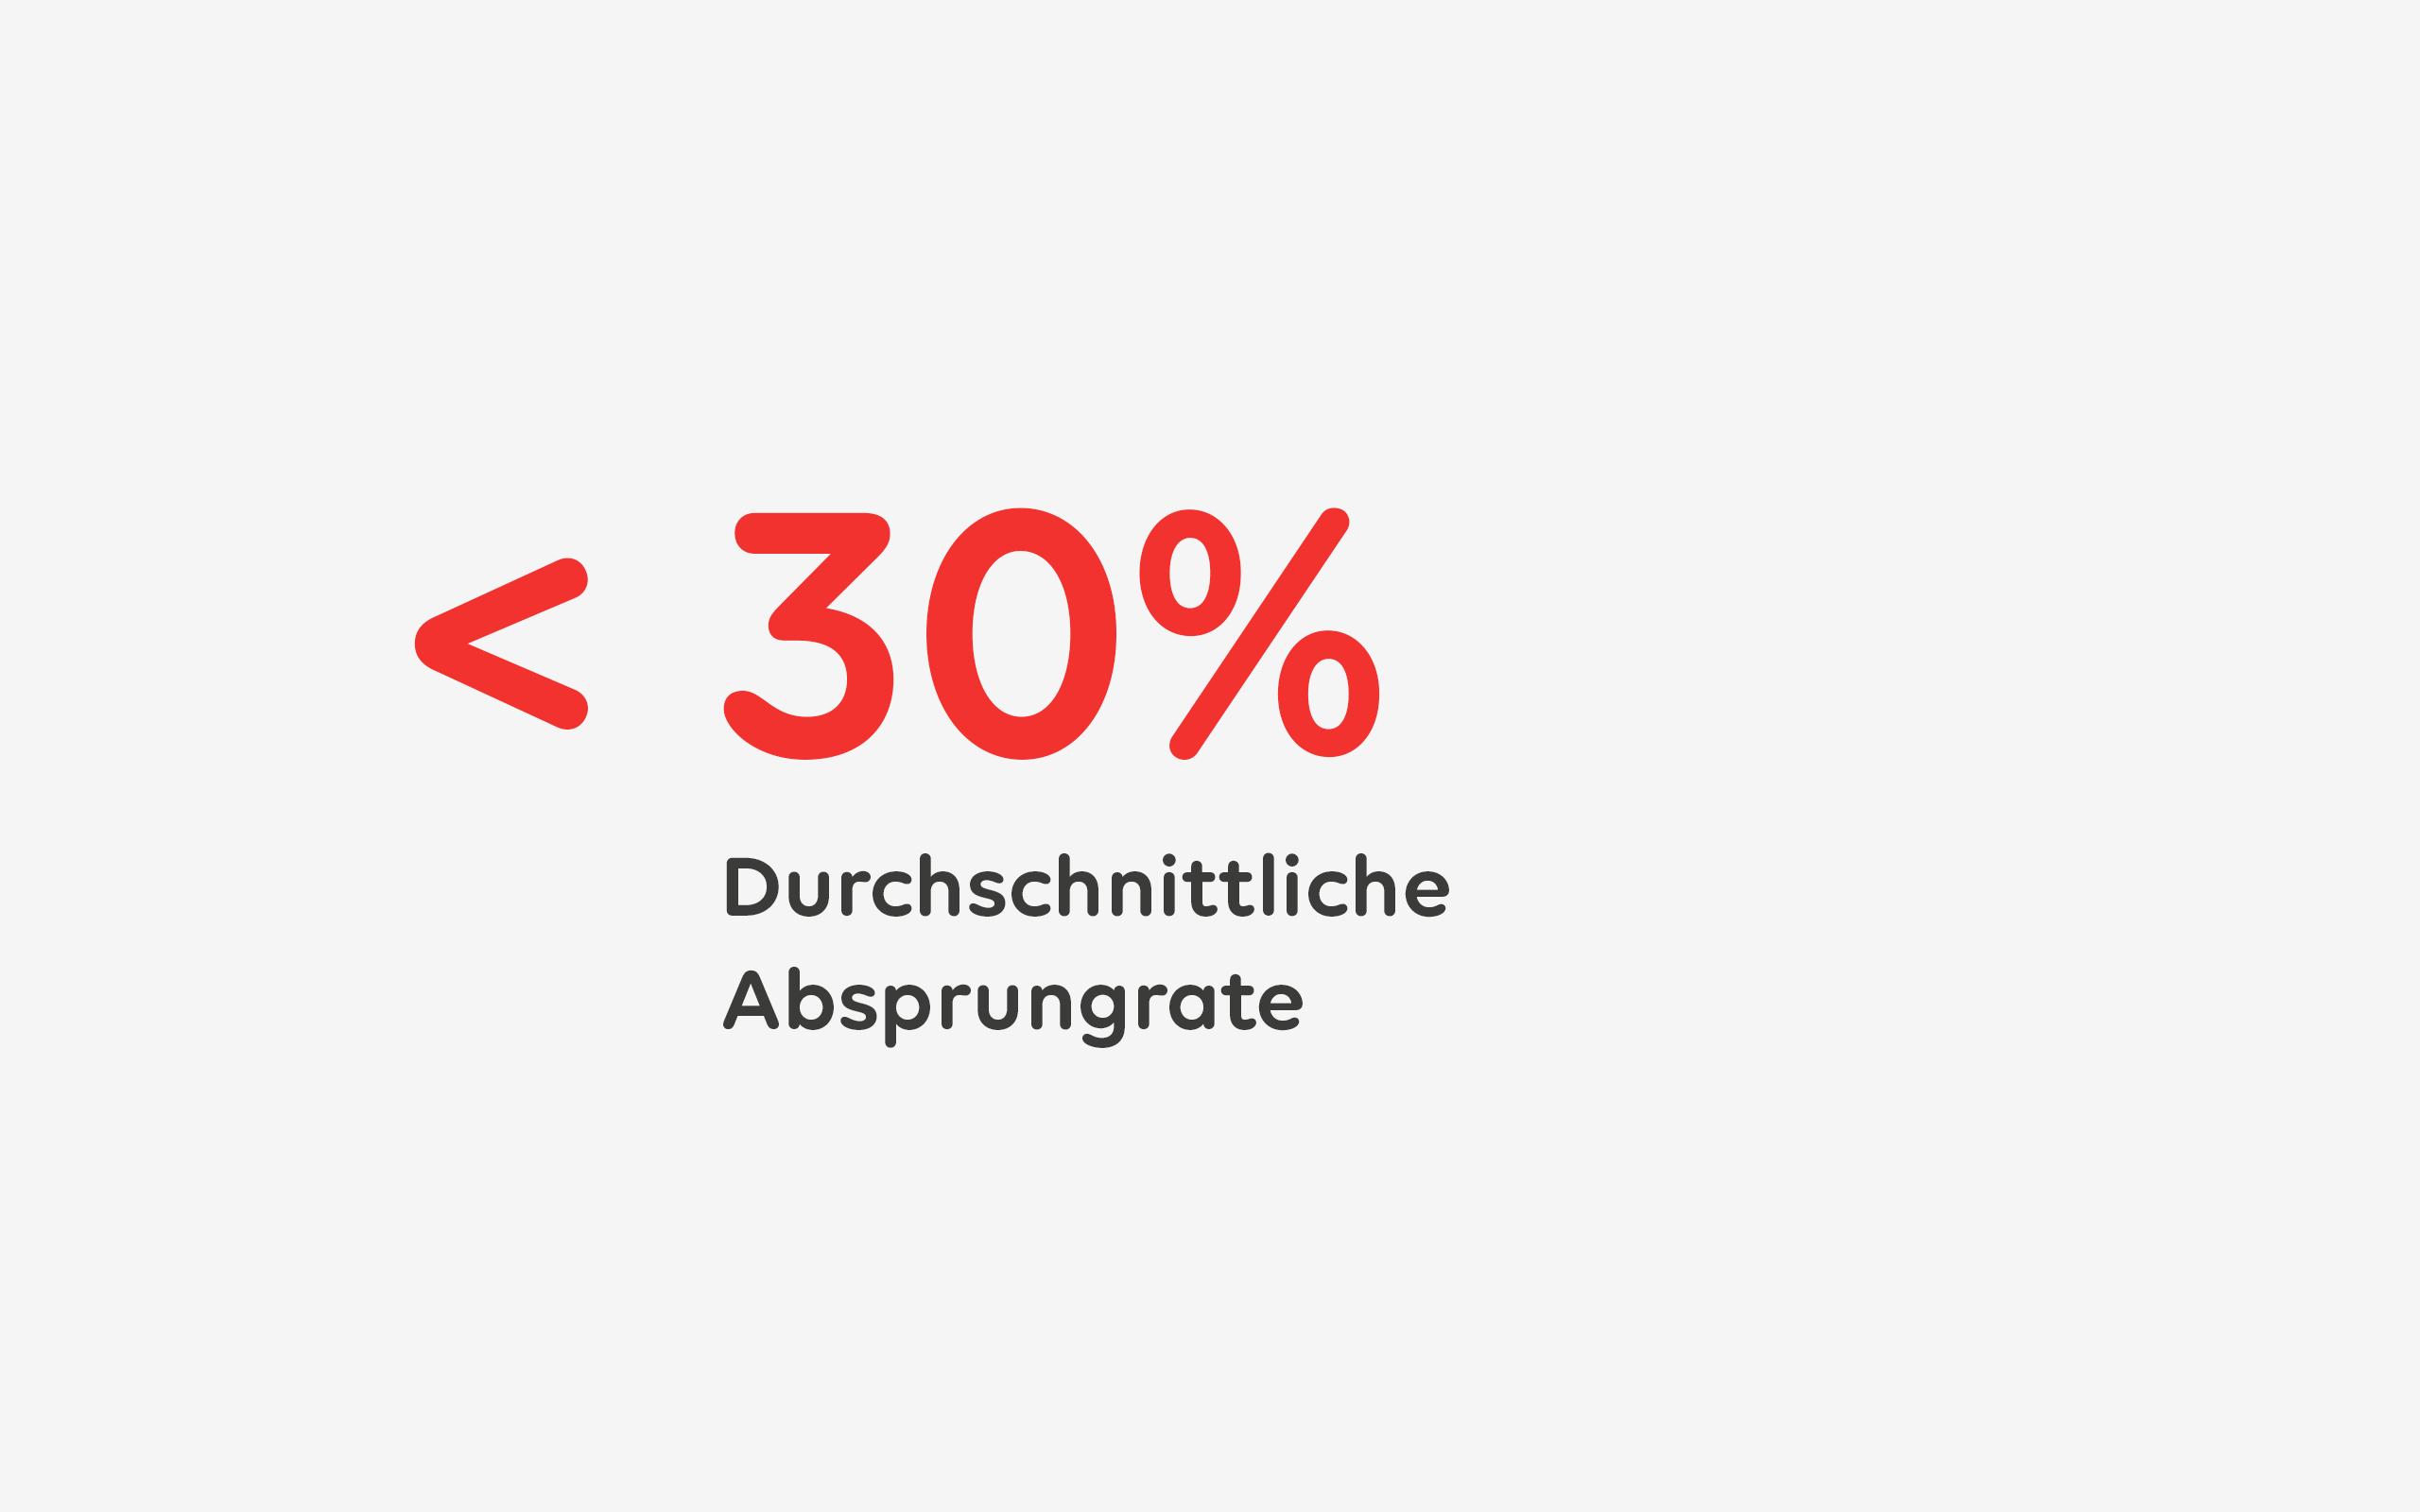 Durchschnittliche Absprungrate unter 30 Prozent